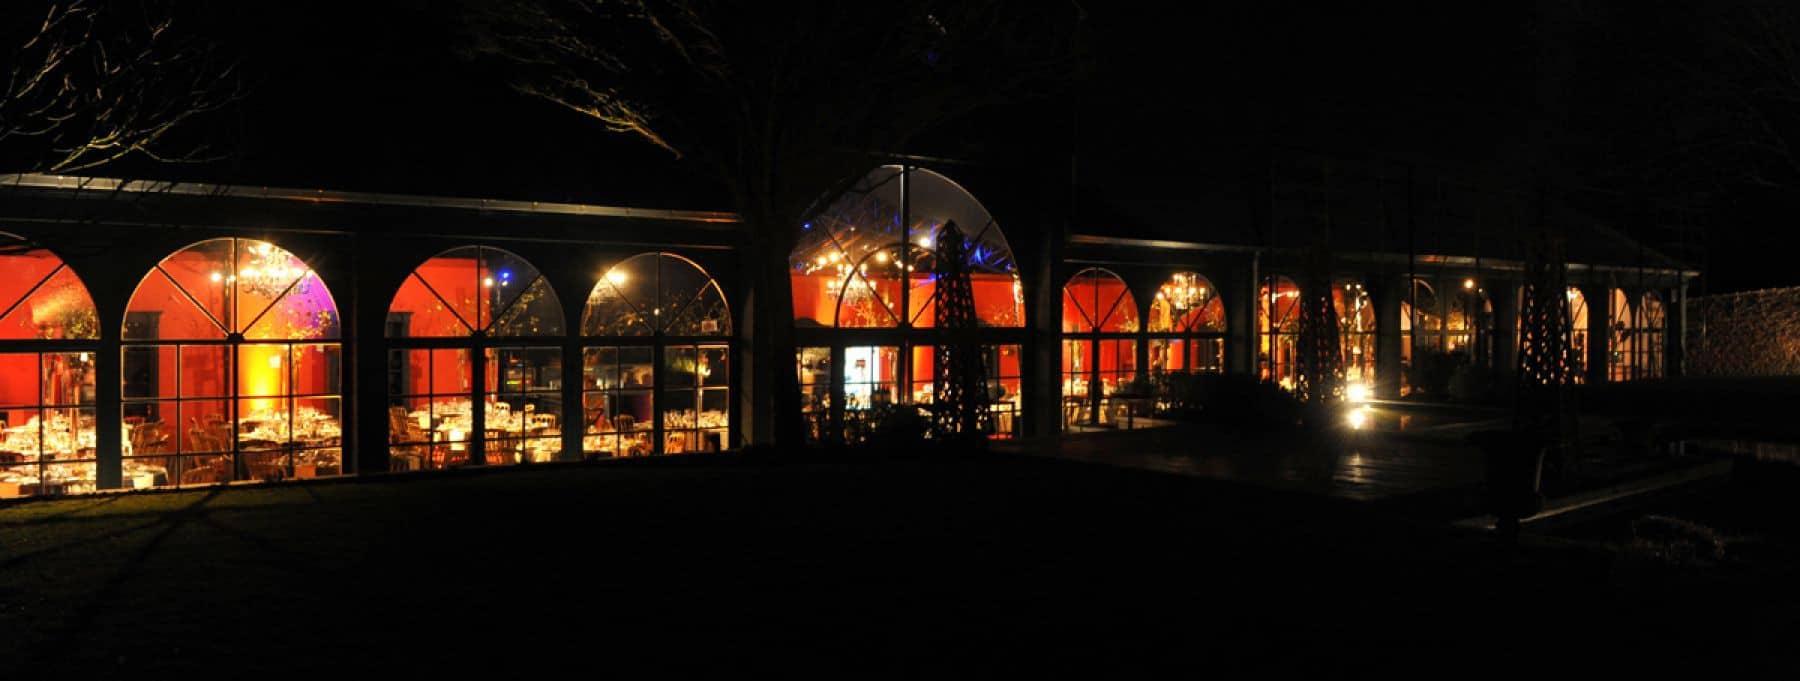 4-feestje-orangerie-palais-de-plume